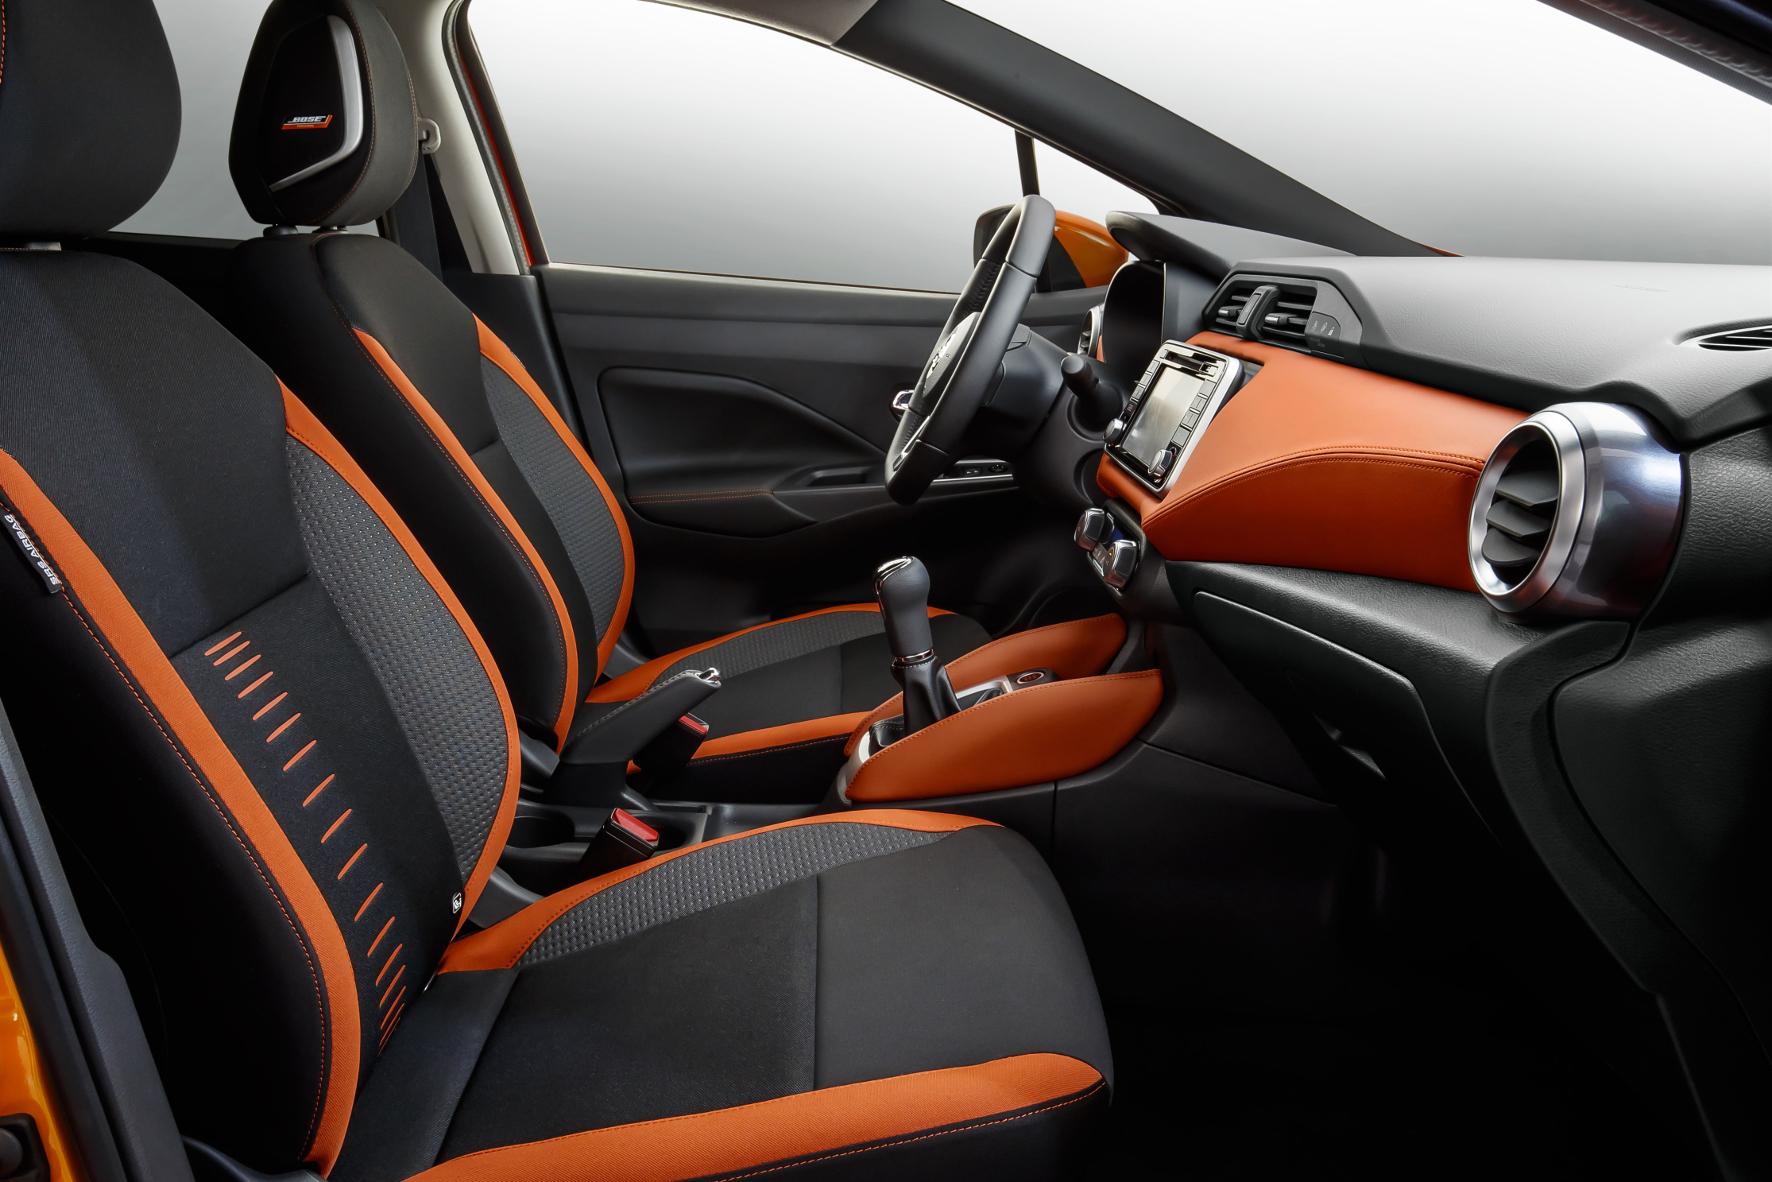 Paris - Tiefere Sitzposition: Der neue Nissan Micra macht auch beim Innenraumdesign einen Quantensprung.